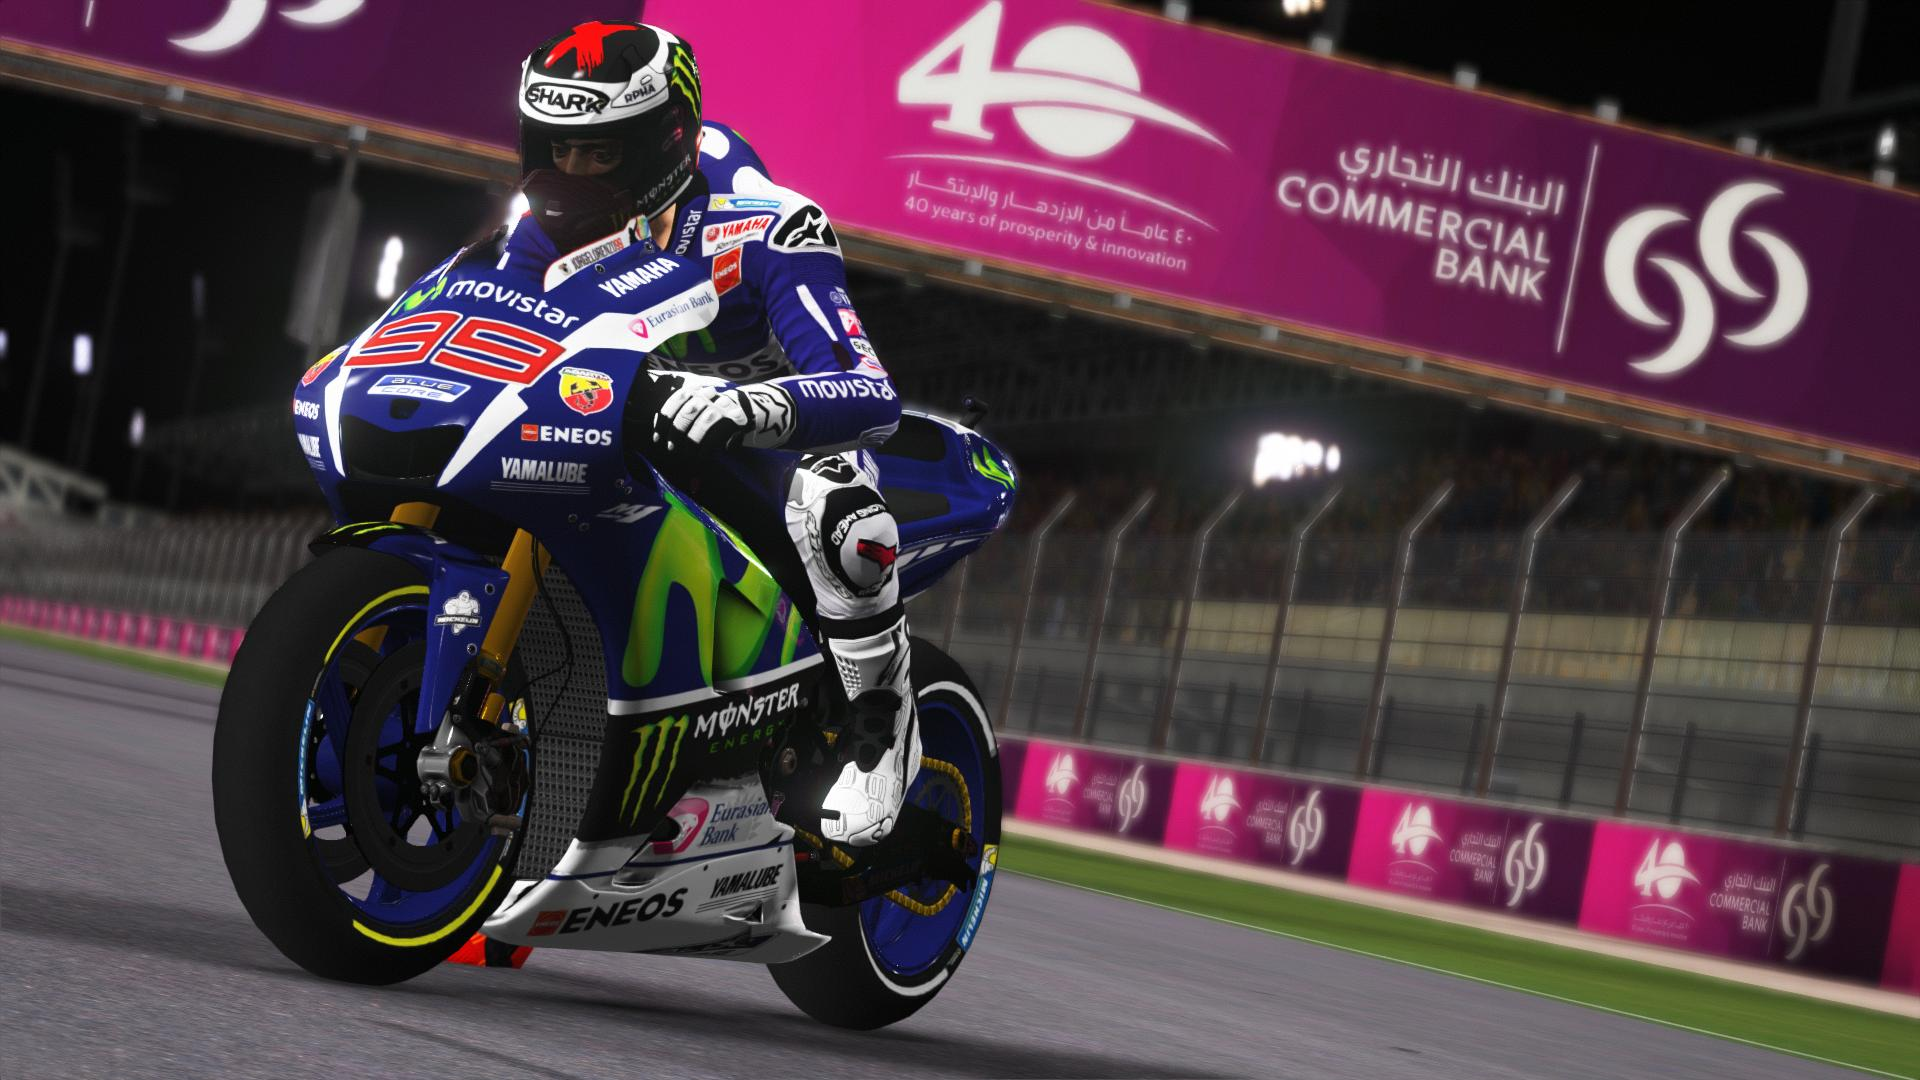 MotoGP15X64 2016-03-19 20-37-59-69.jpg